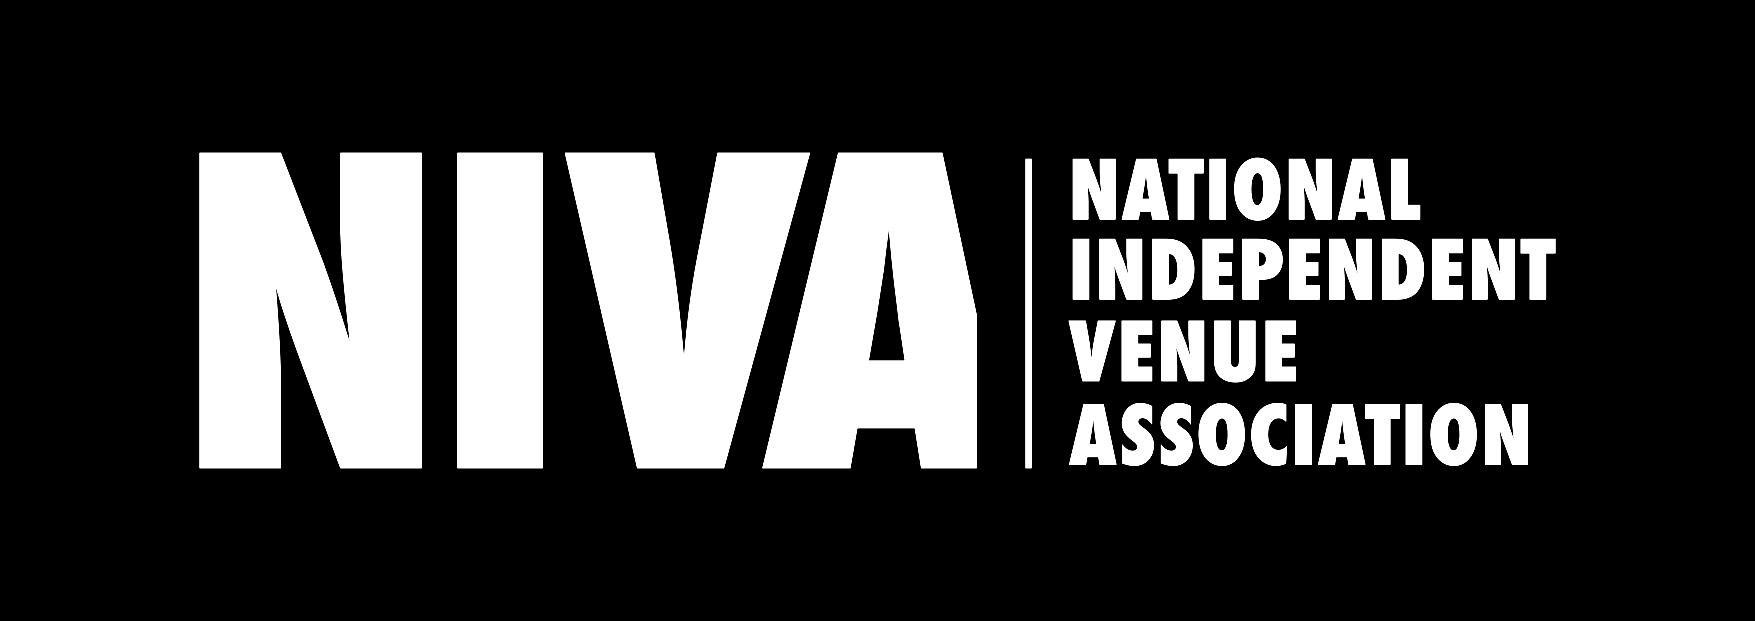 NIVA (National Independent Venue Association)